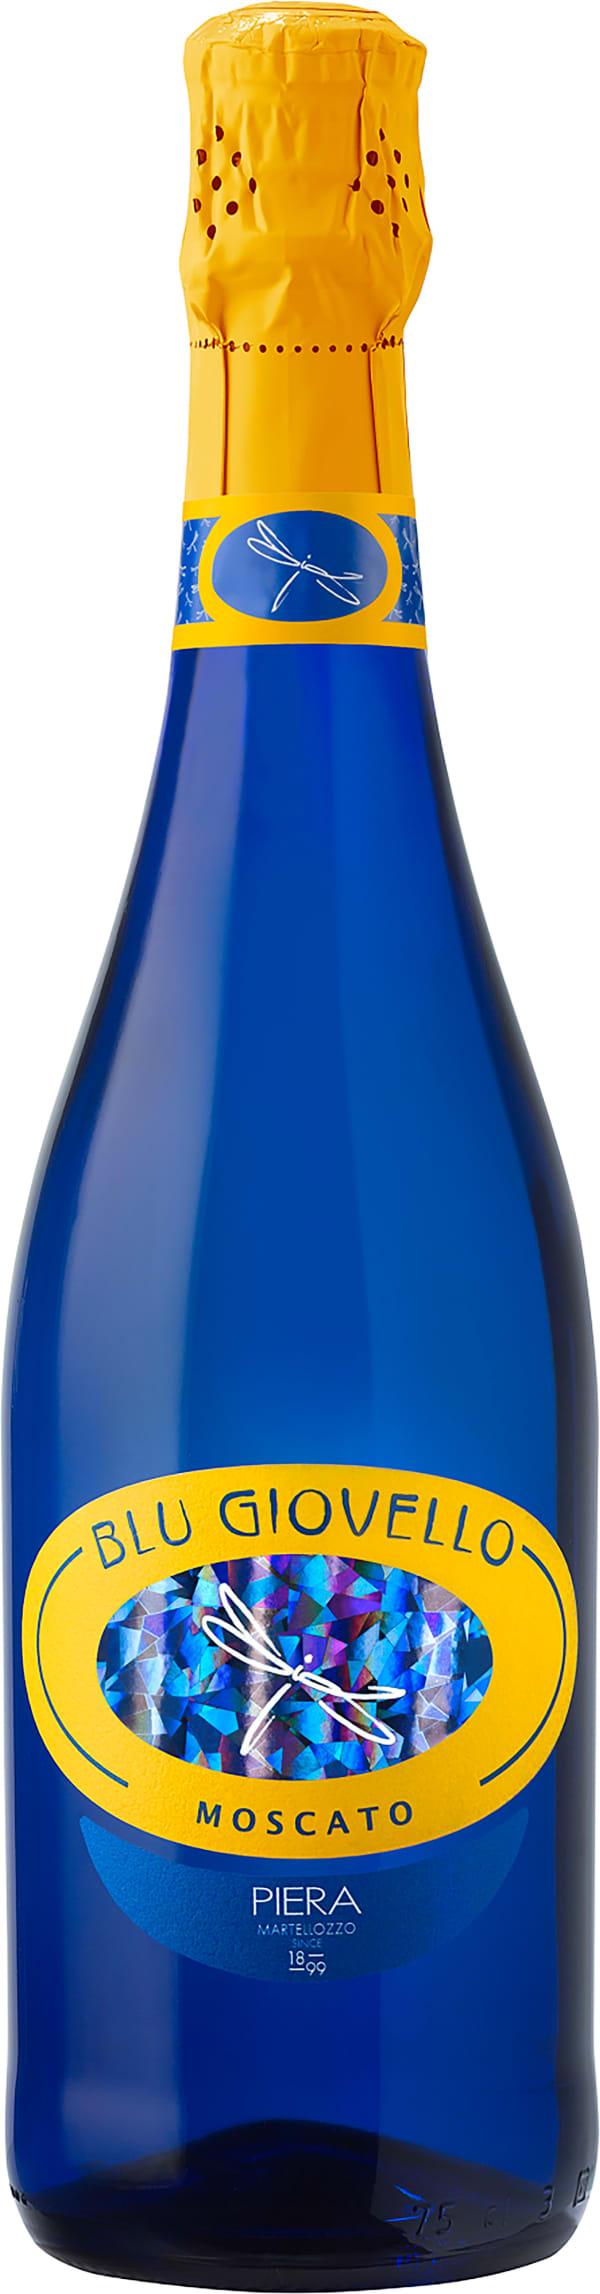 Blu Giovello Moscato Spumante Dolce